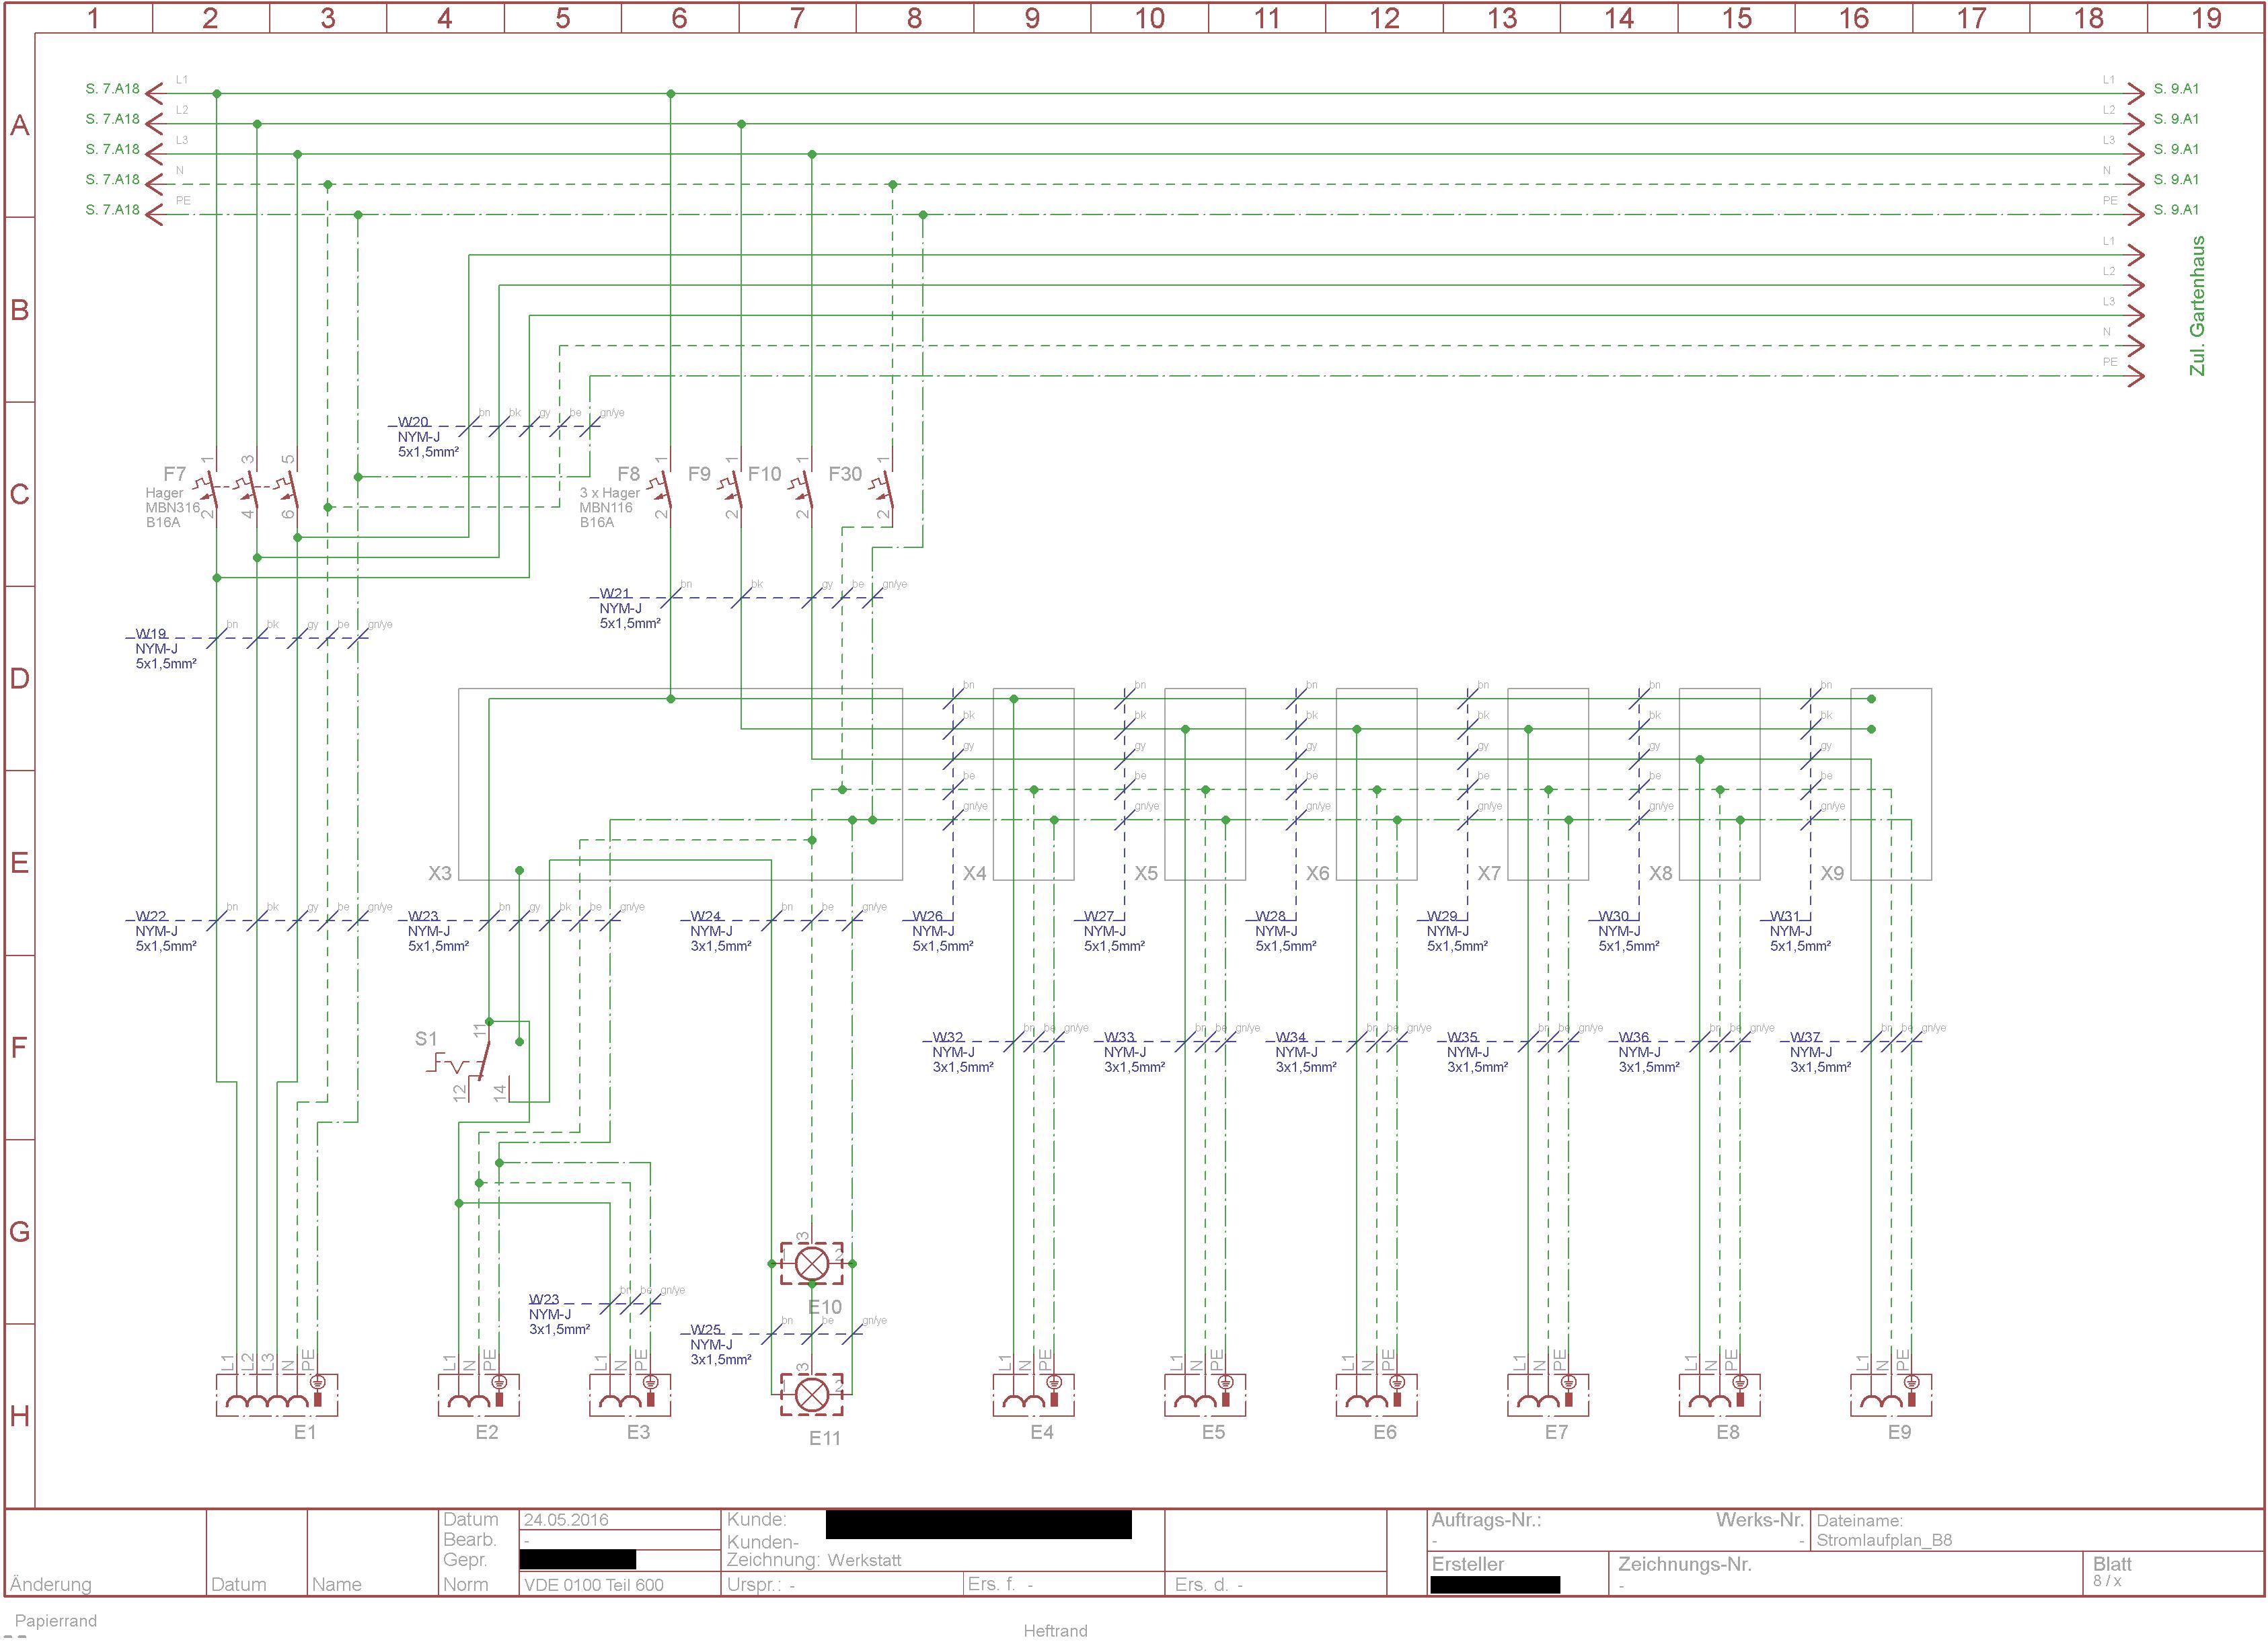 5x1 5 - 3 stromkreise in einer abzeigdose -  u00dcberlast n